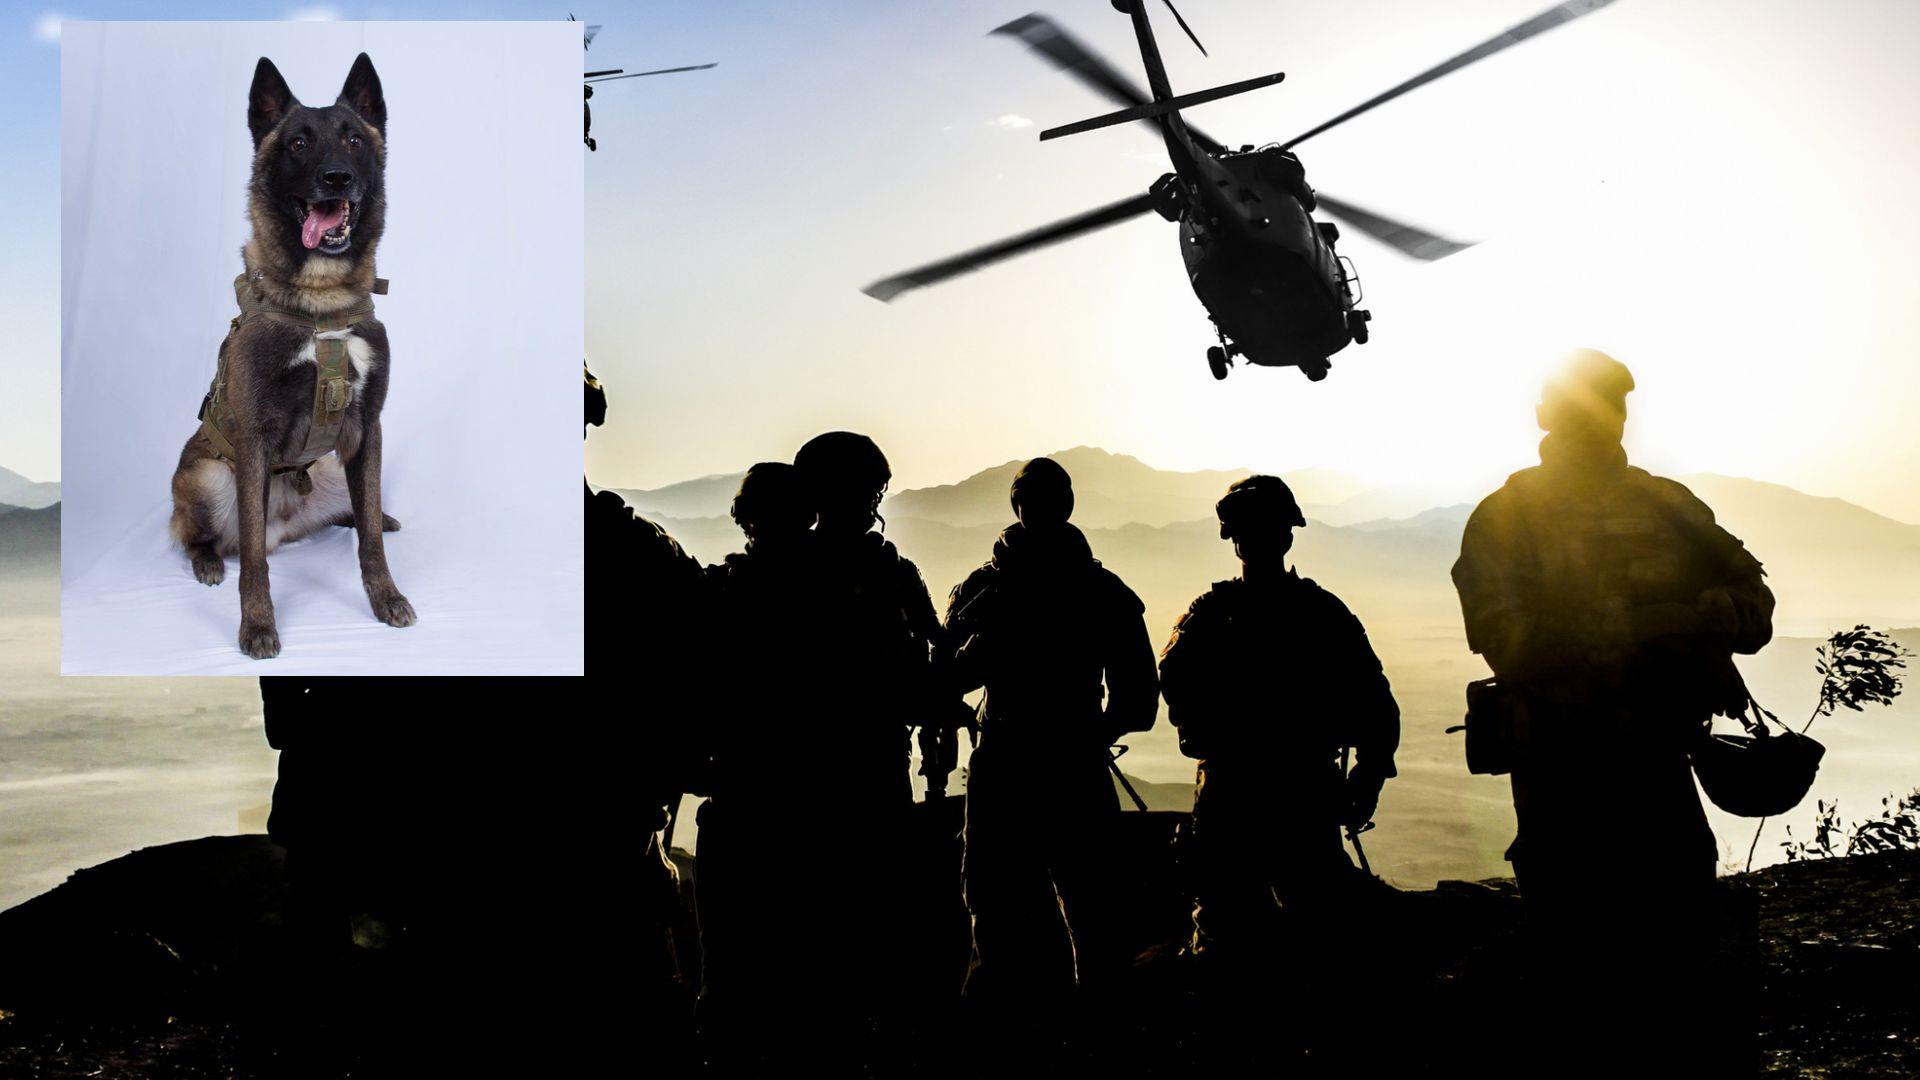 Тръмп иска да награди с орден кучето, участвало в операцията срещу Ал-Багдади